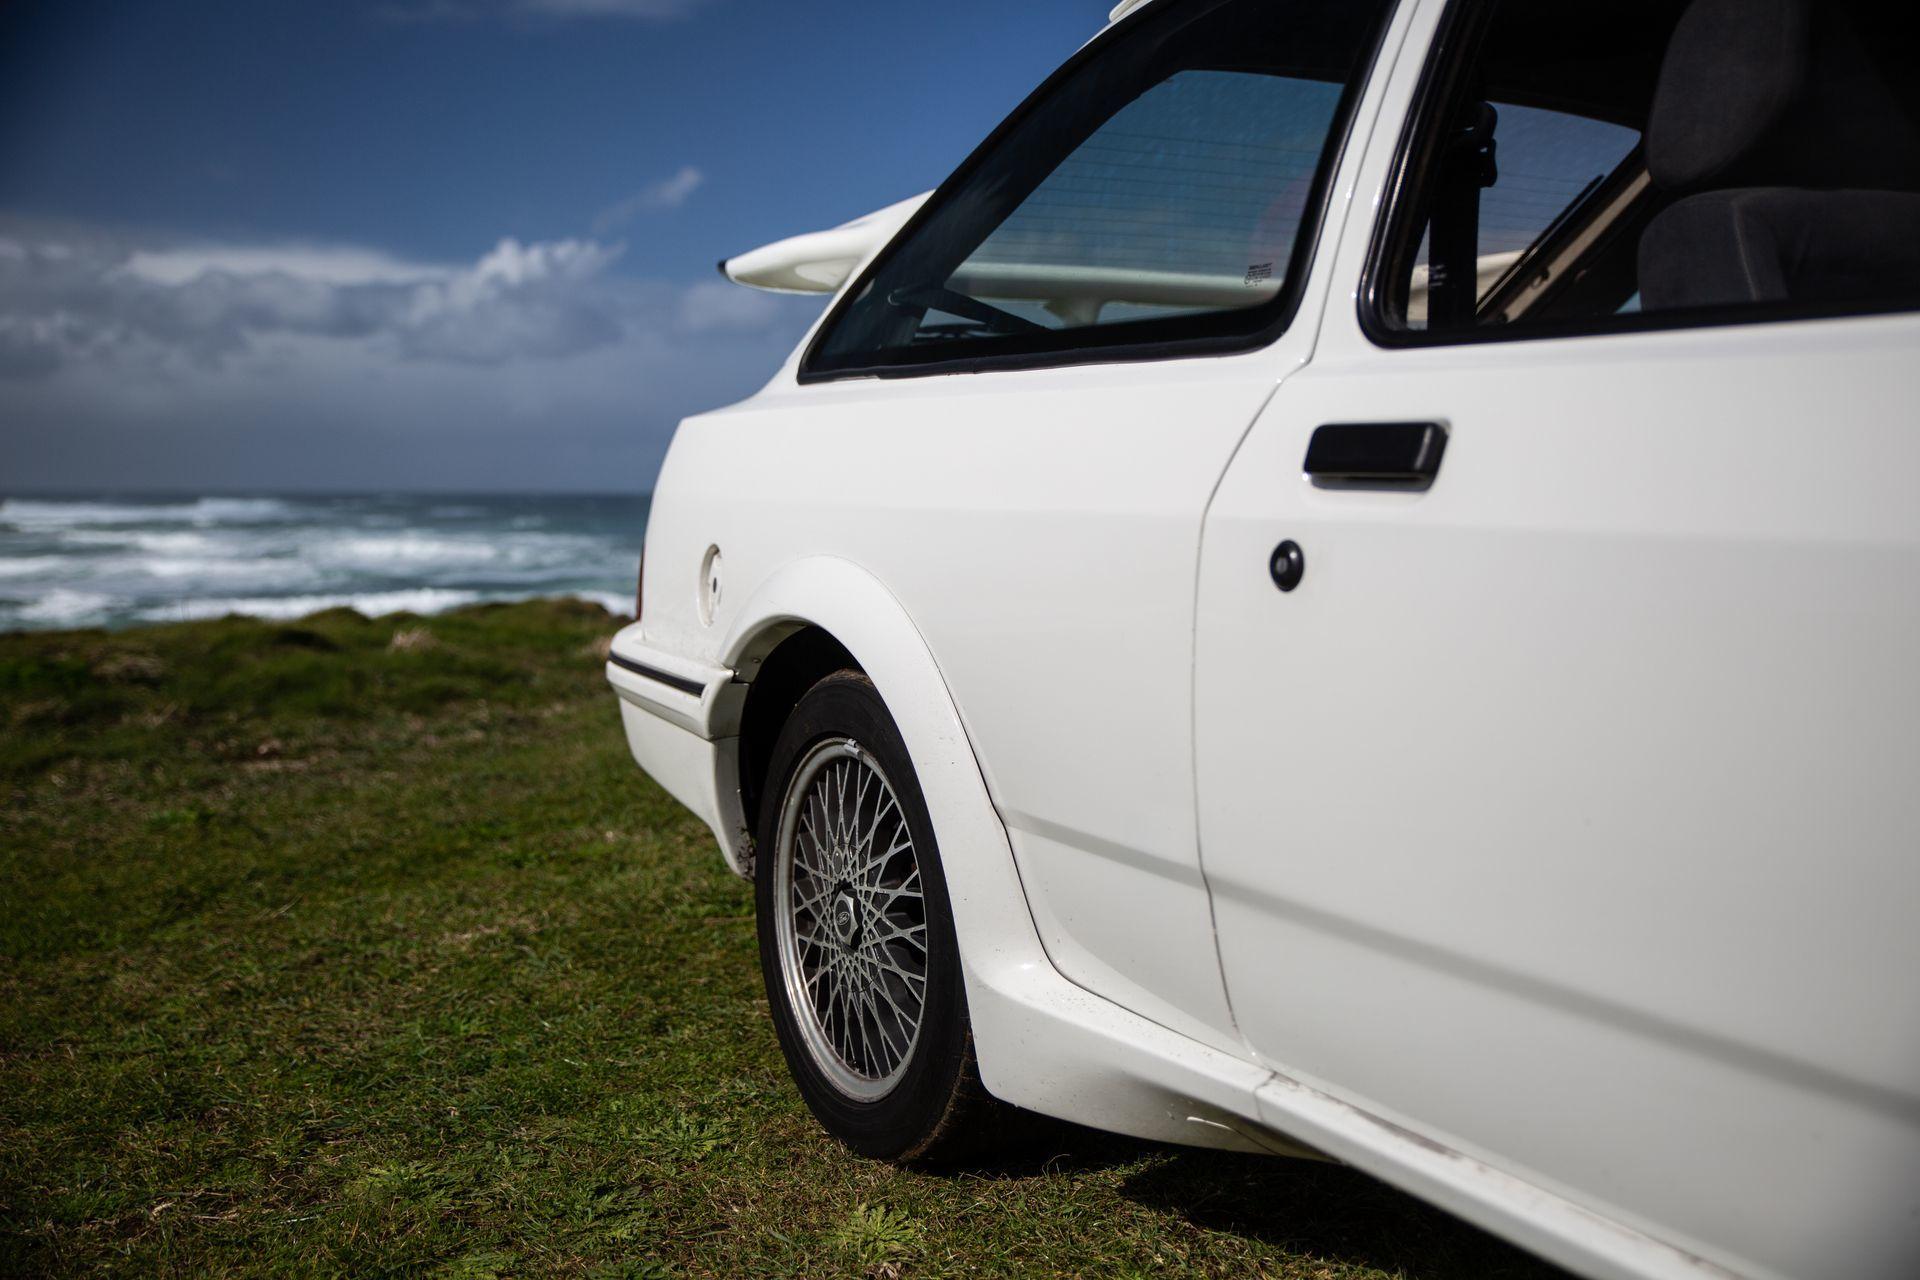 Ford Sierra Rs Cosworth Prueba 5